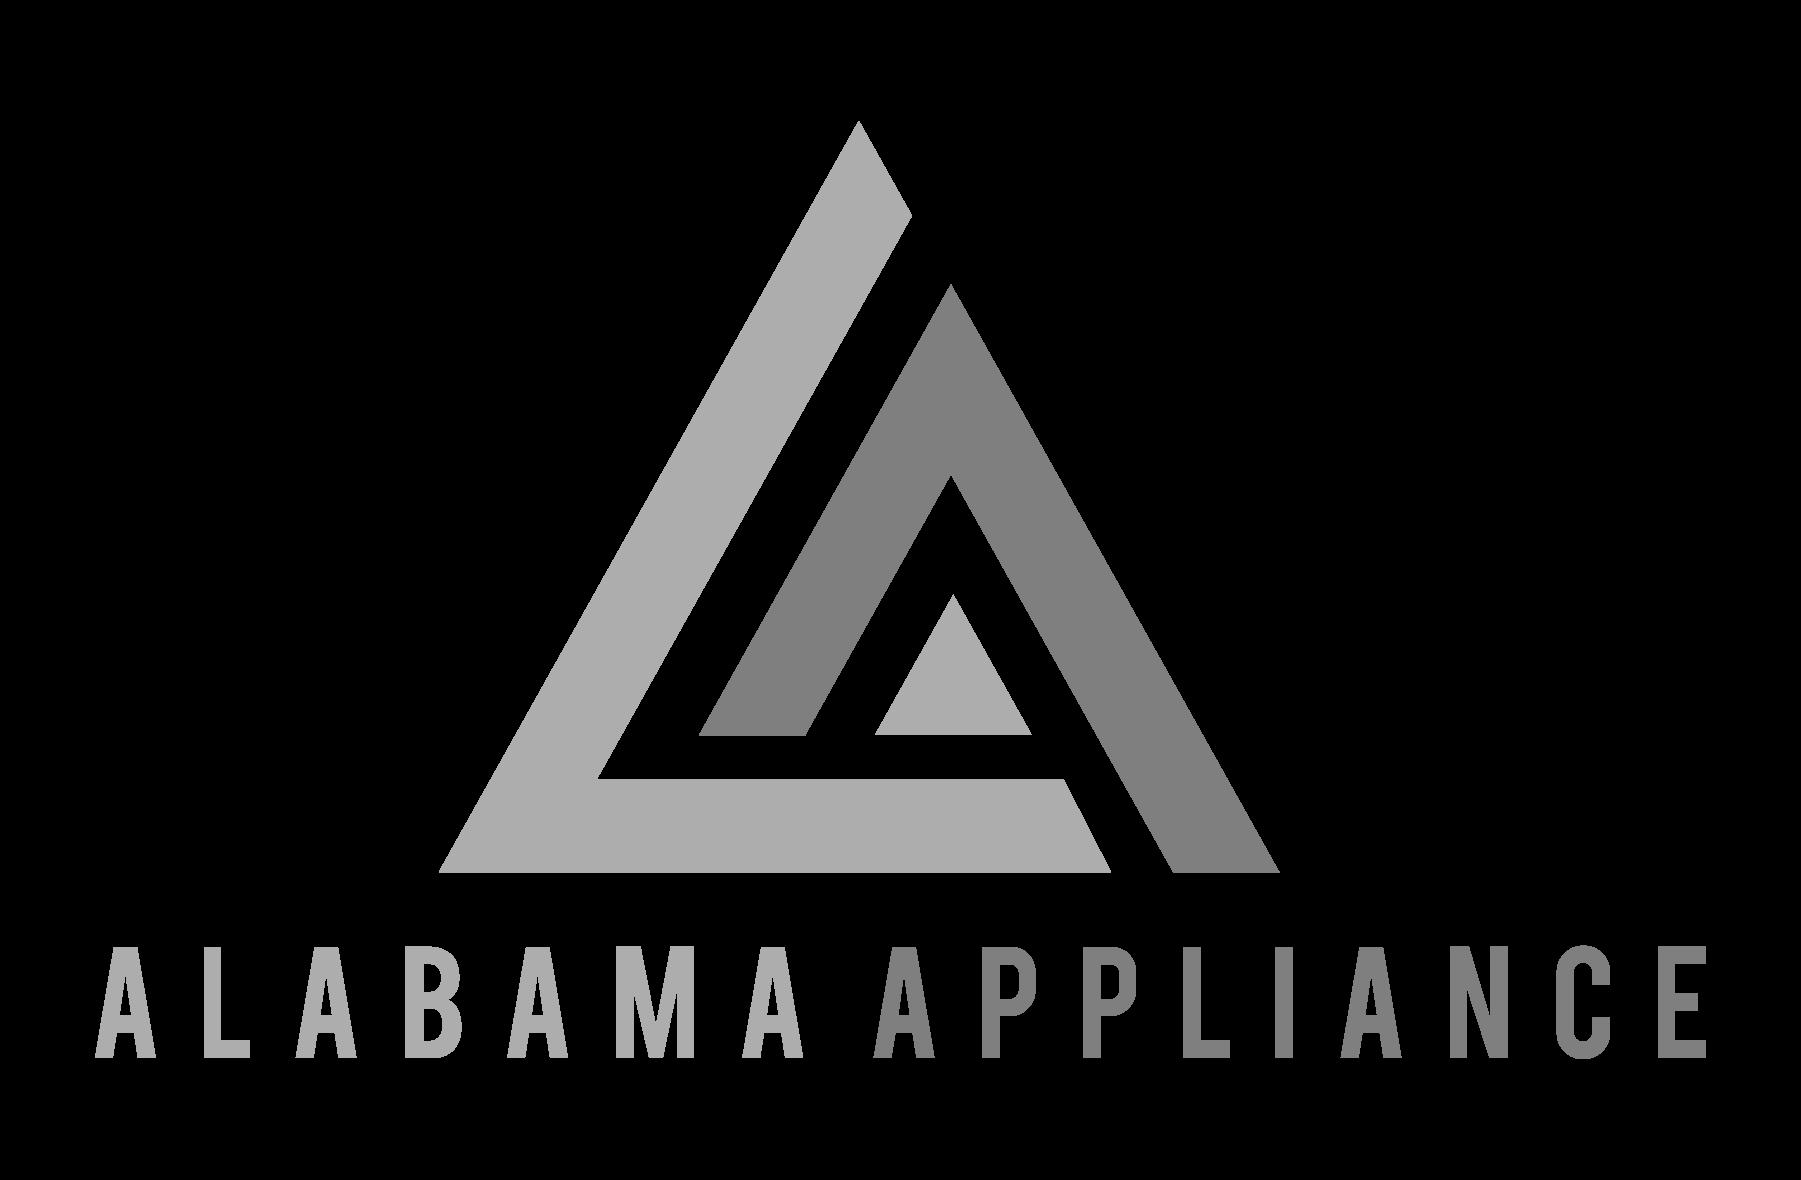 Alabama Appliance